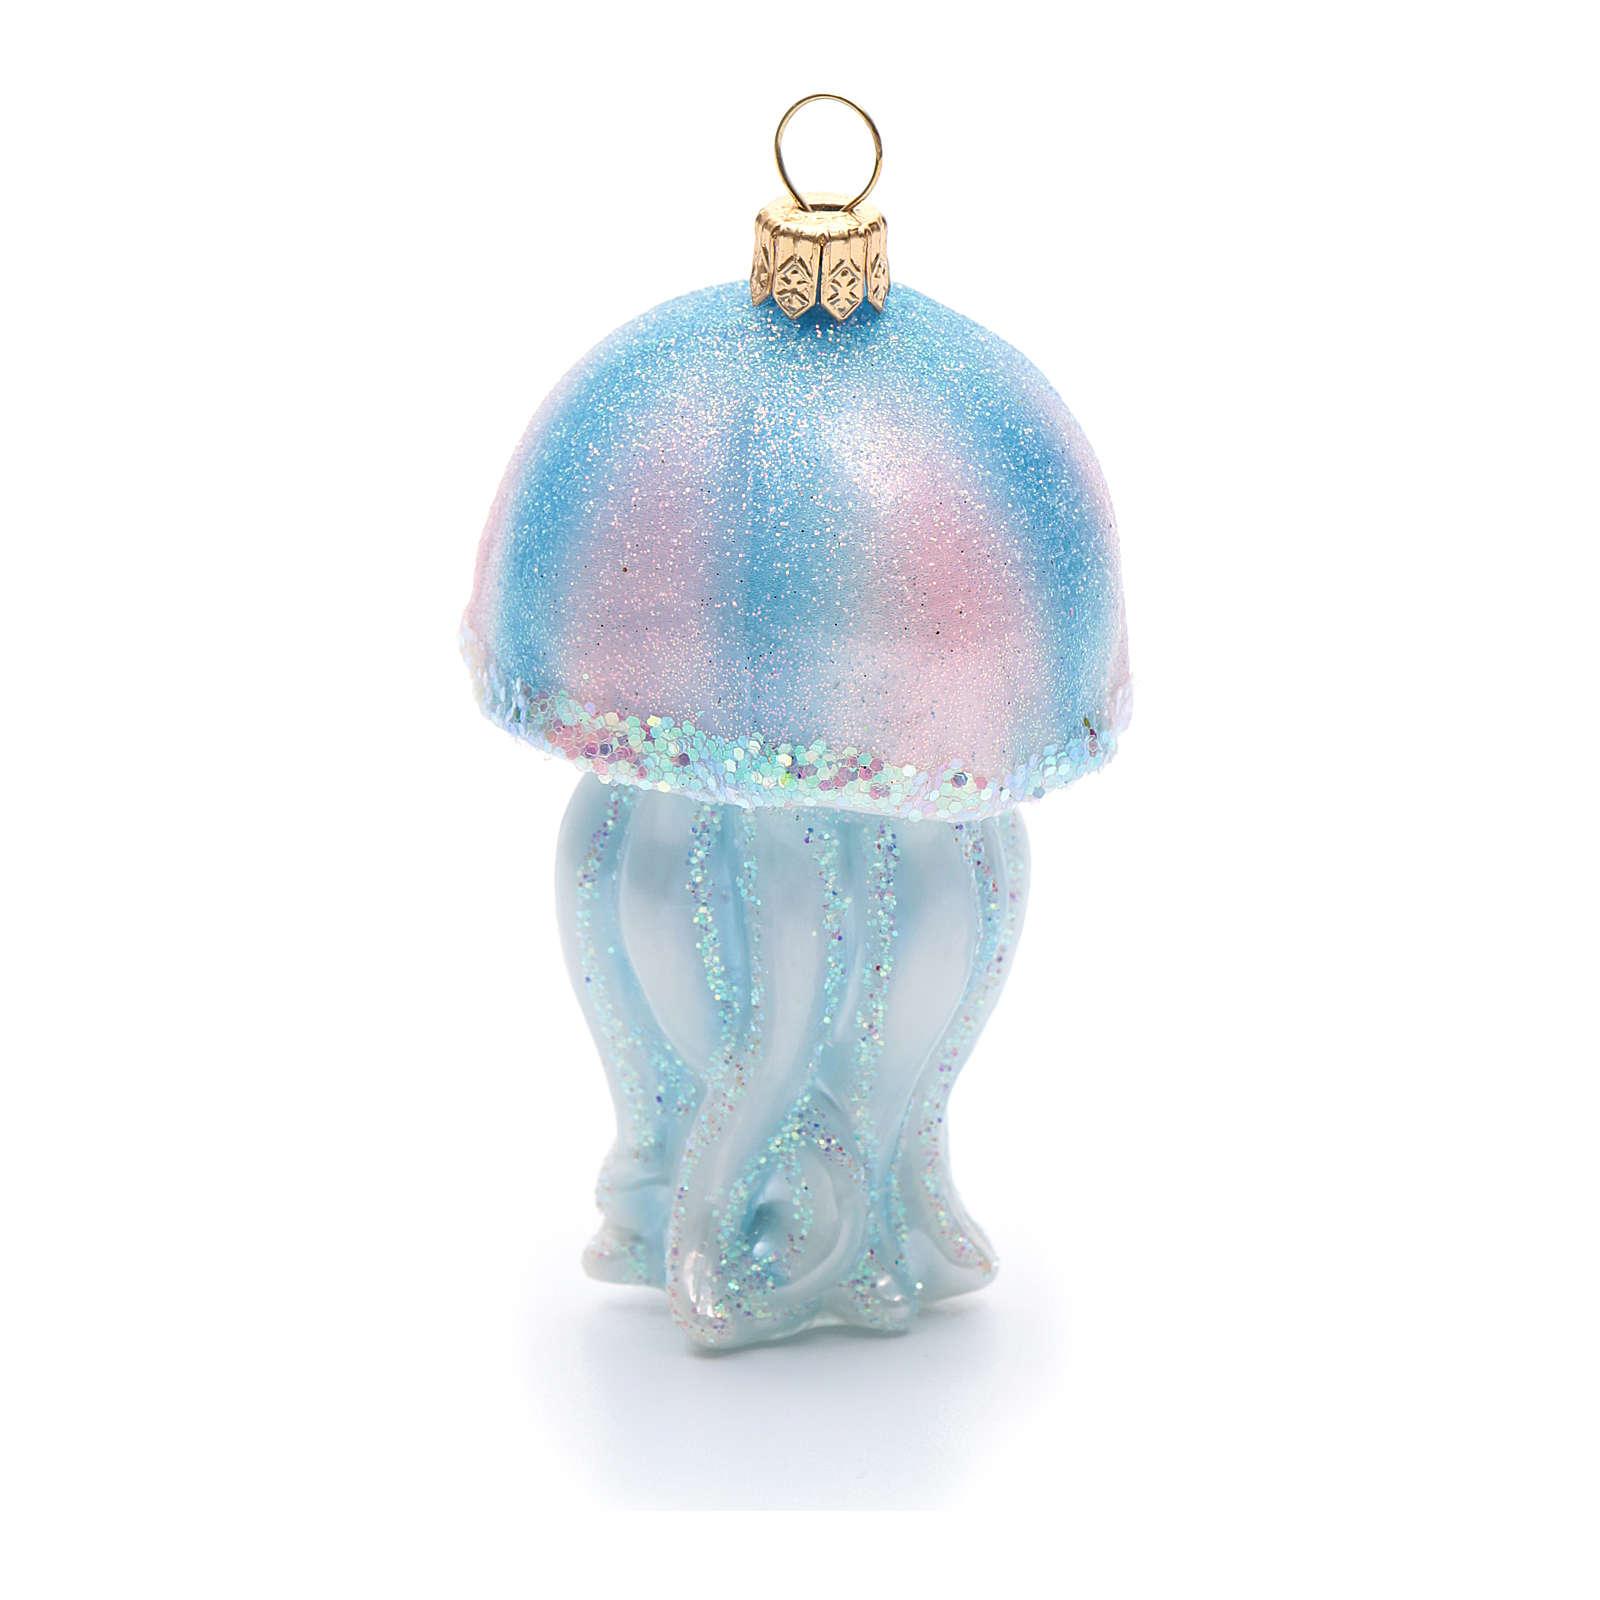 Décoration sapin Noël verre soufflé méduse 4